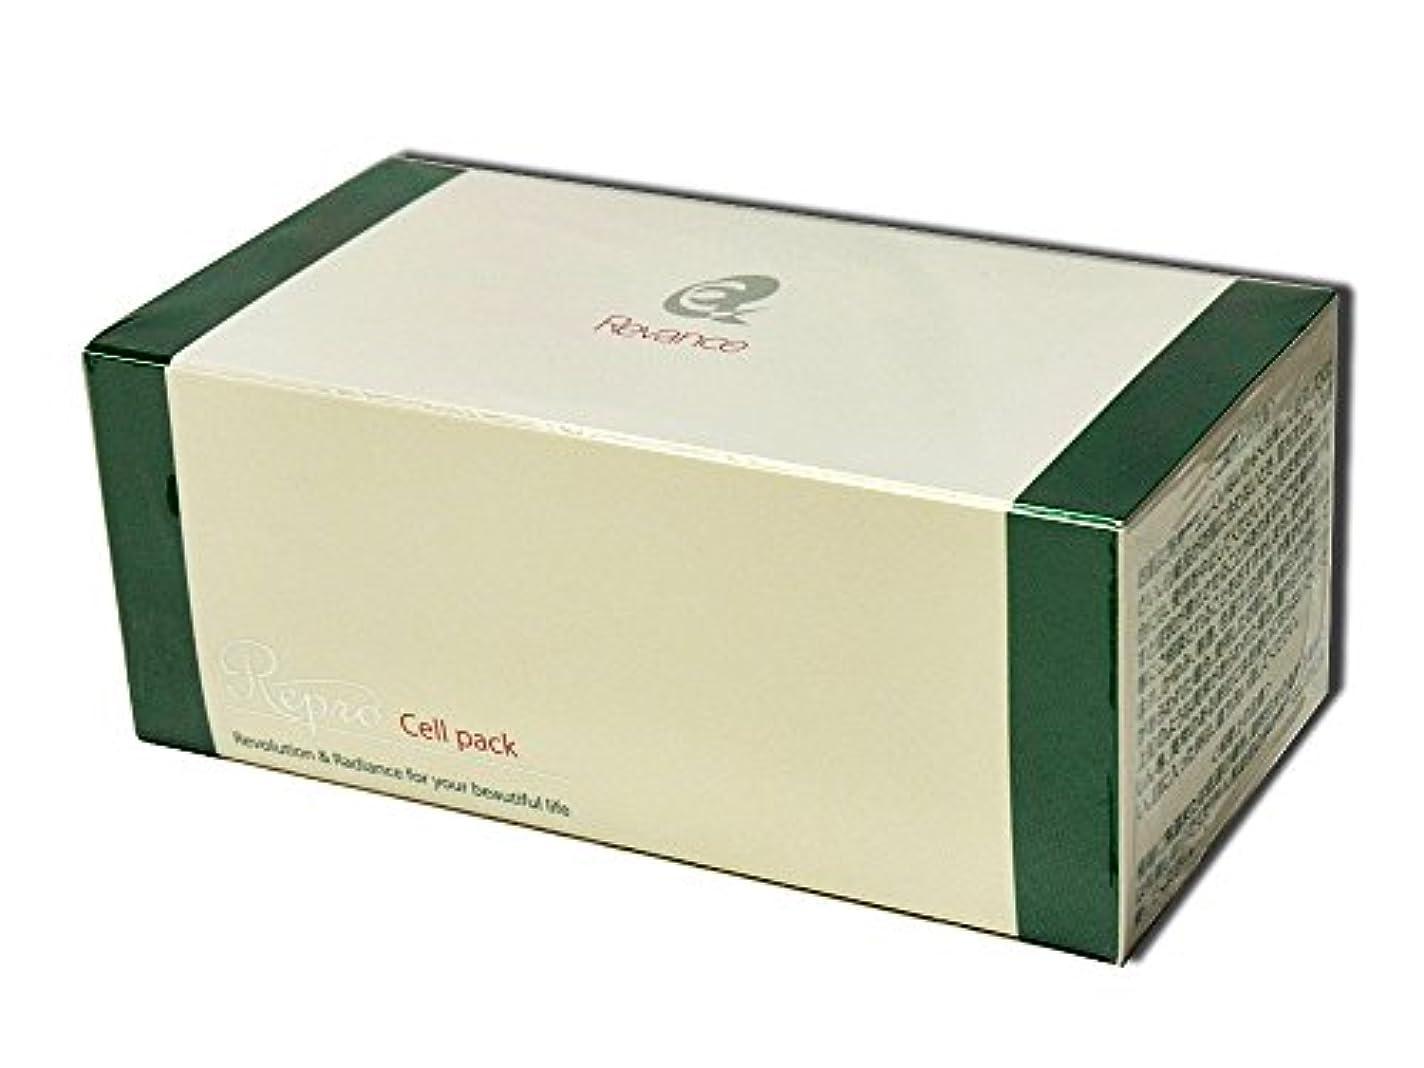 宗教言語耐えられない【レヴァンス】 一液式 炭酸パックリプロ セルパック 10g × 10包入